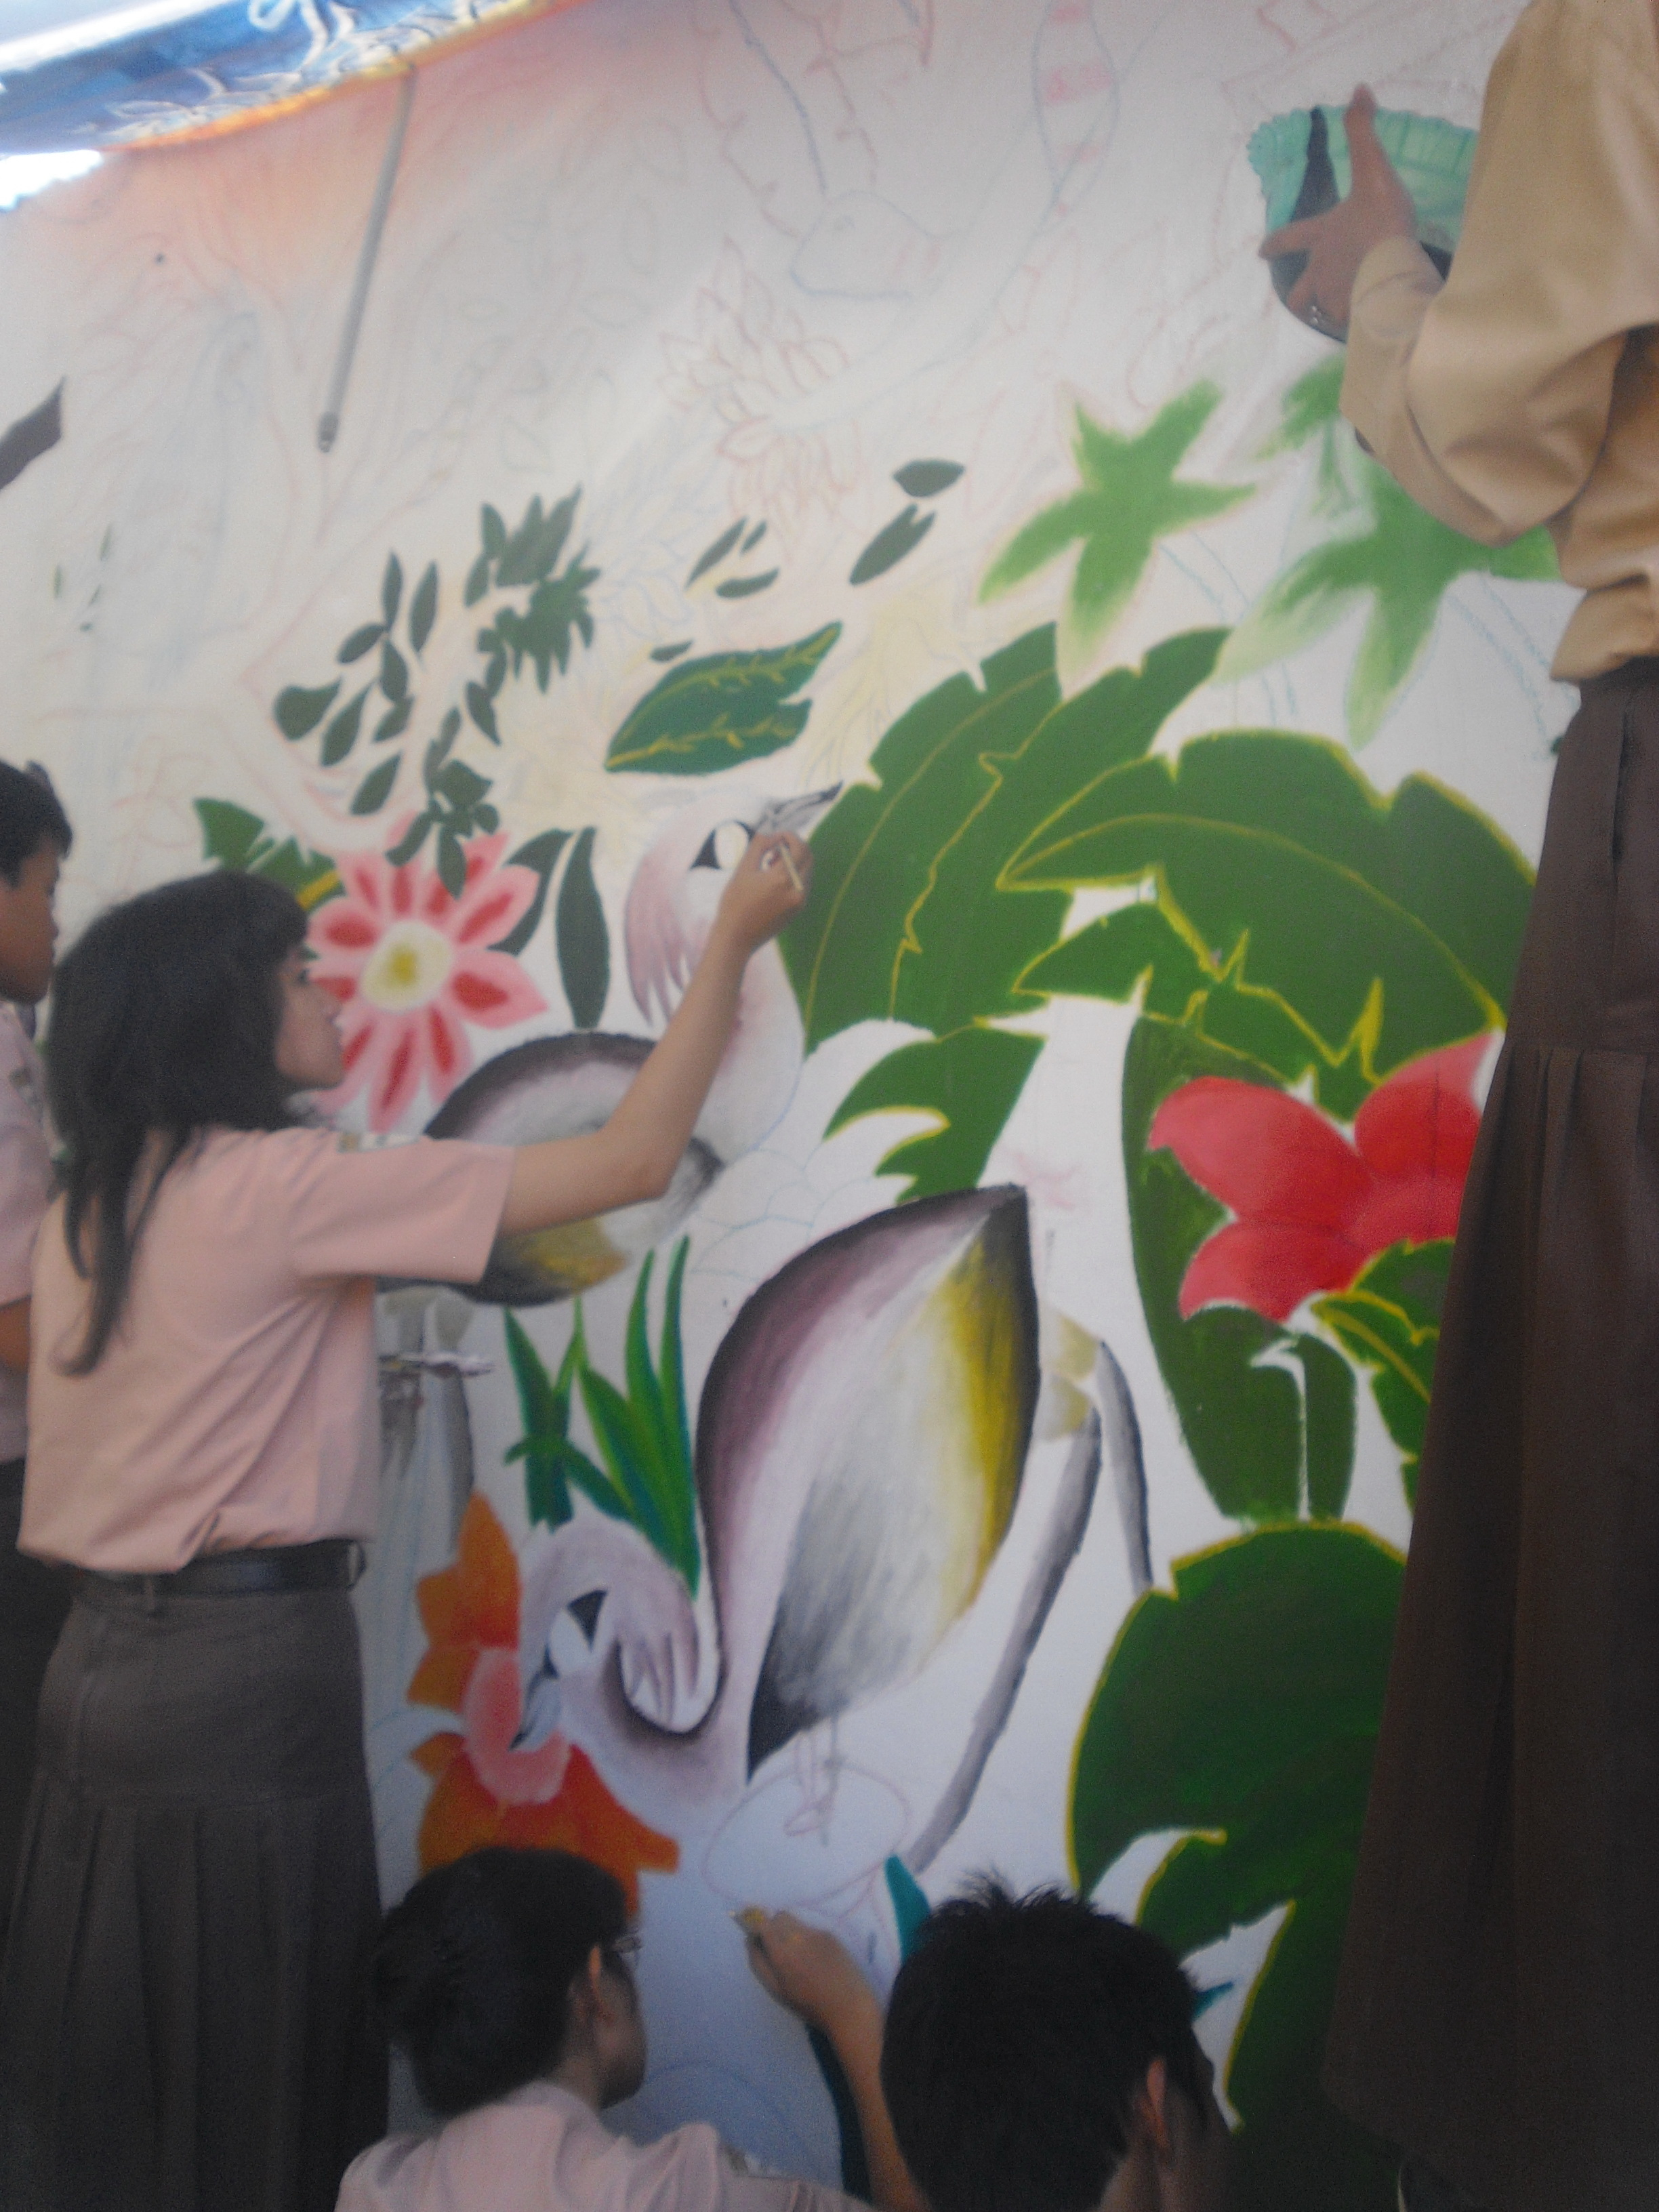 Lomba mural sman 16 surabaya sma negeri 16 surabaya for Mural go green